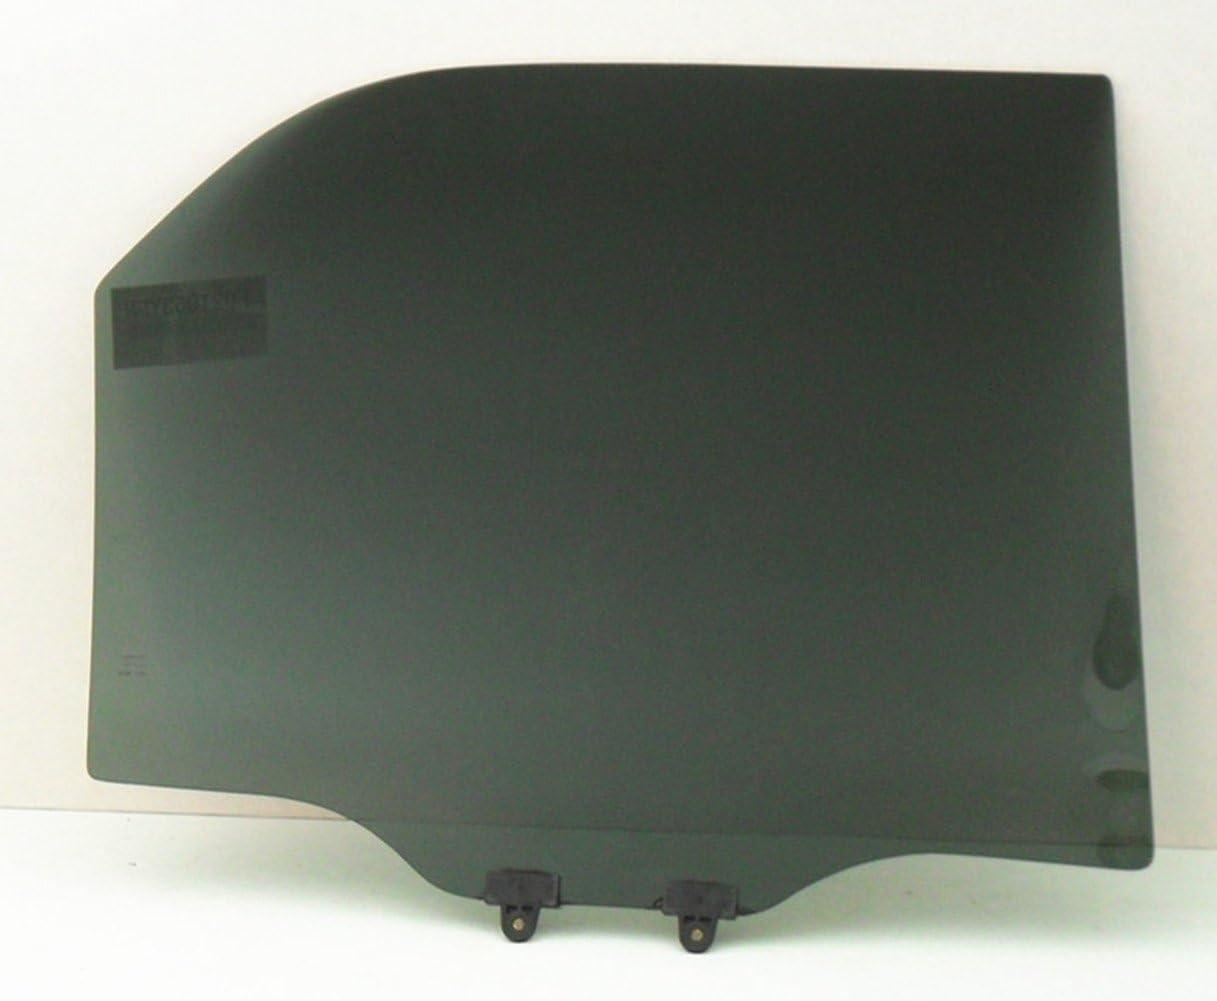 NAGD Passenger Right Side Rear Door Window Door Glass Compatible with Acura MDX 2001-2006 Models